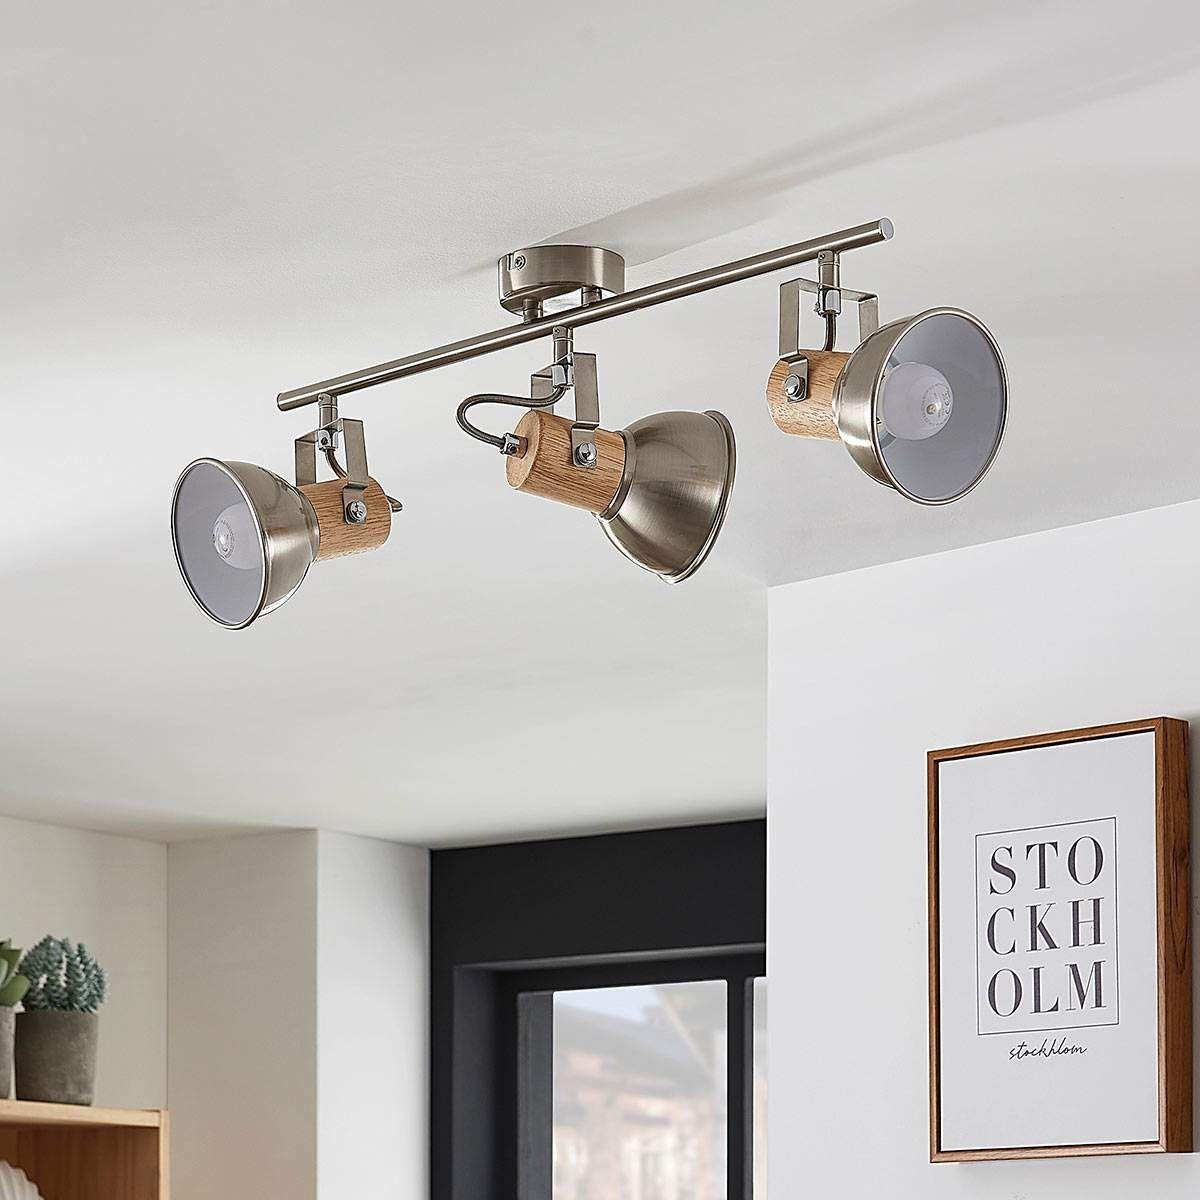 Full Size of Küchenleuchte Led Deckenlampe Dennis Holz Kchenleuchte 4 Flammig Lampenwelt Wohnzimmer Küchenleuchte